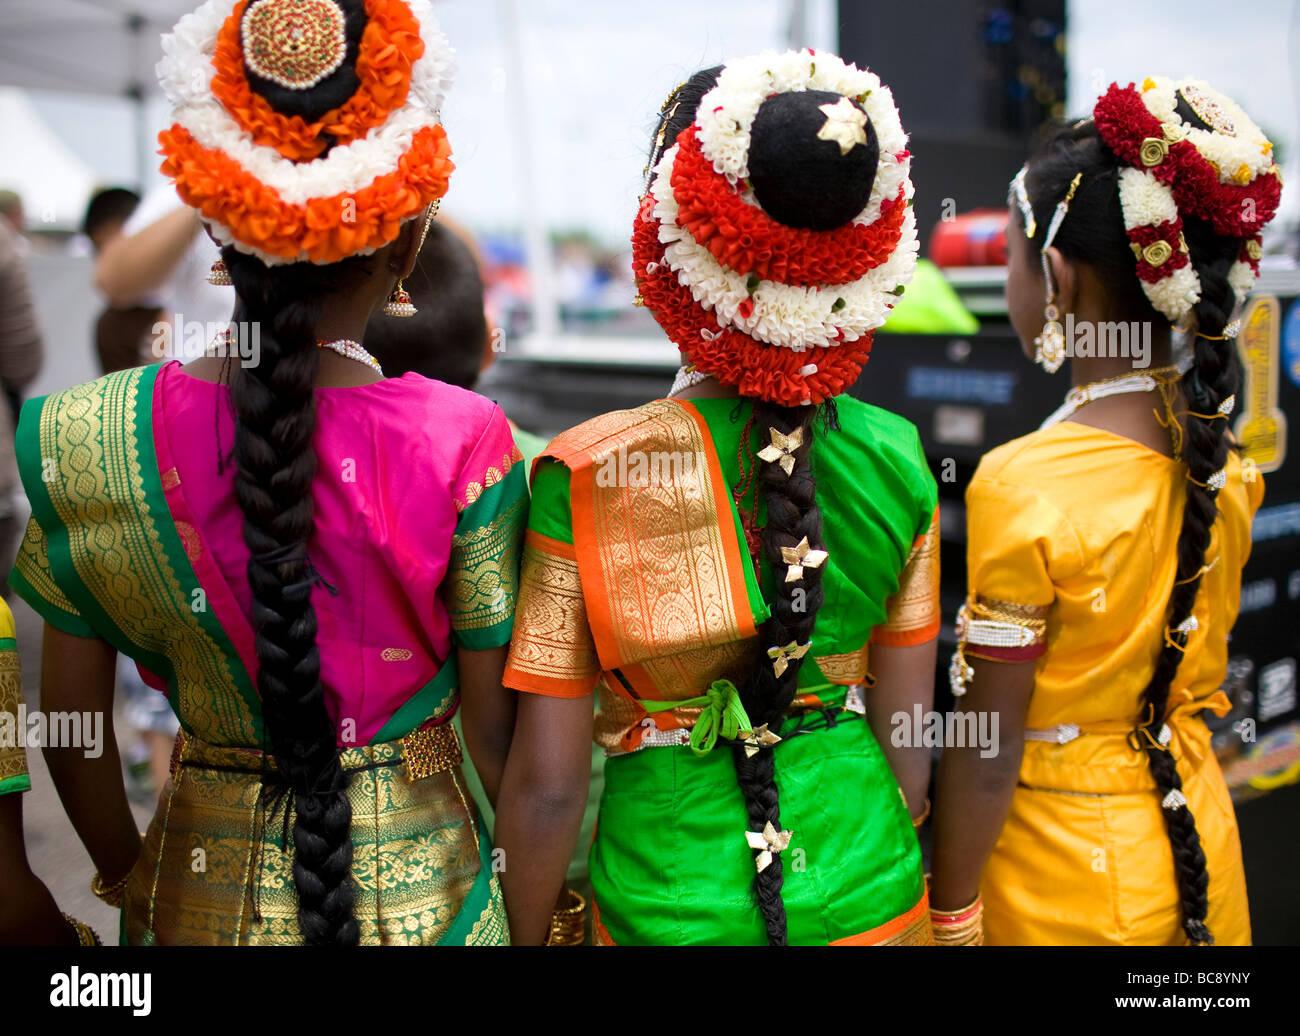 Tre est indiano o ragazze Indù indossando il tradizionale copricapo in attesa di eseguire durante un festival. Immagini Stock